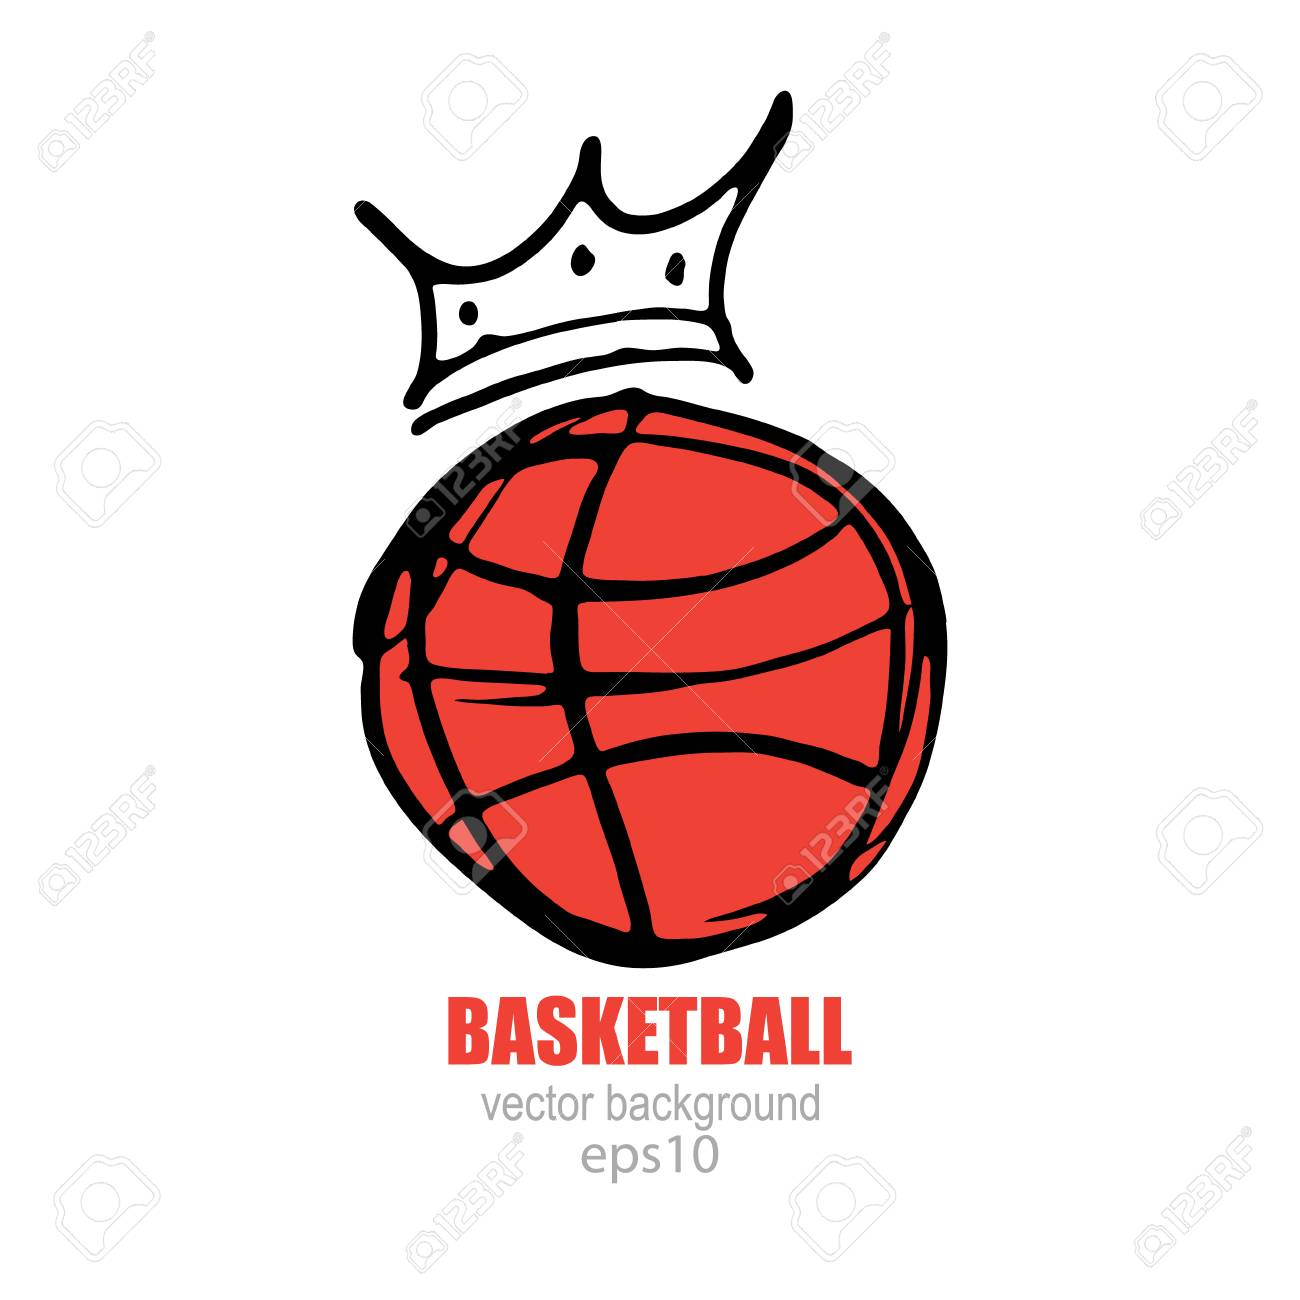 5ea612e48f Balón de baloncesto con una corona. Ilustración del vector, estilo de  dibujo. Icono